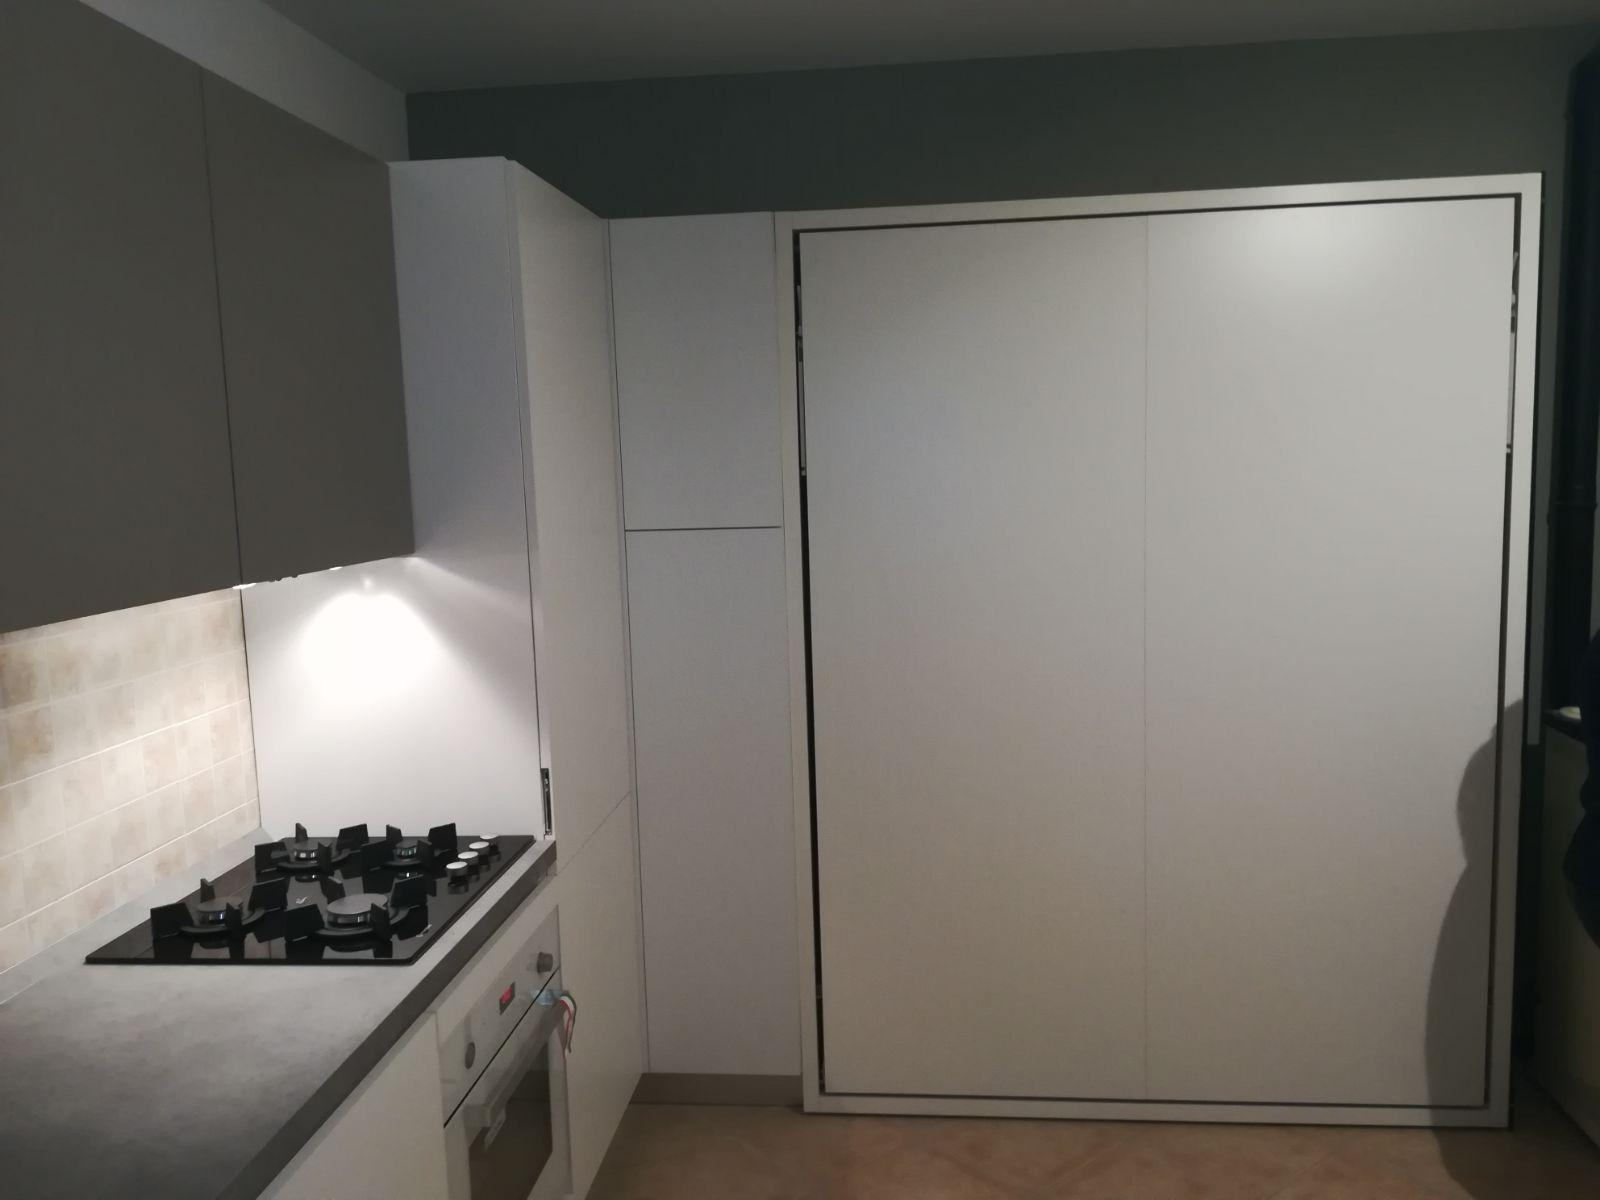 Arredamento casa in montagna con cucina su misura e letto matrimoniale a scomparsa